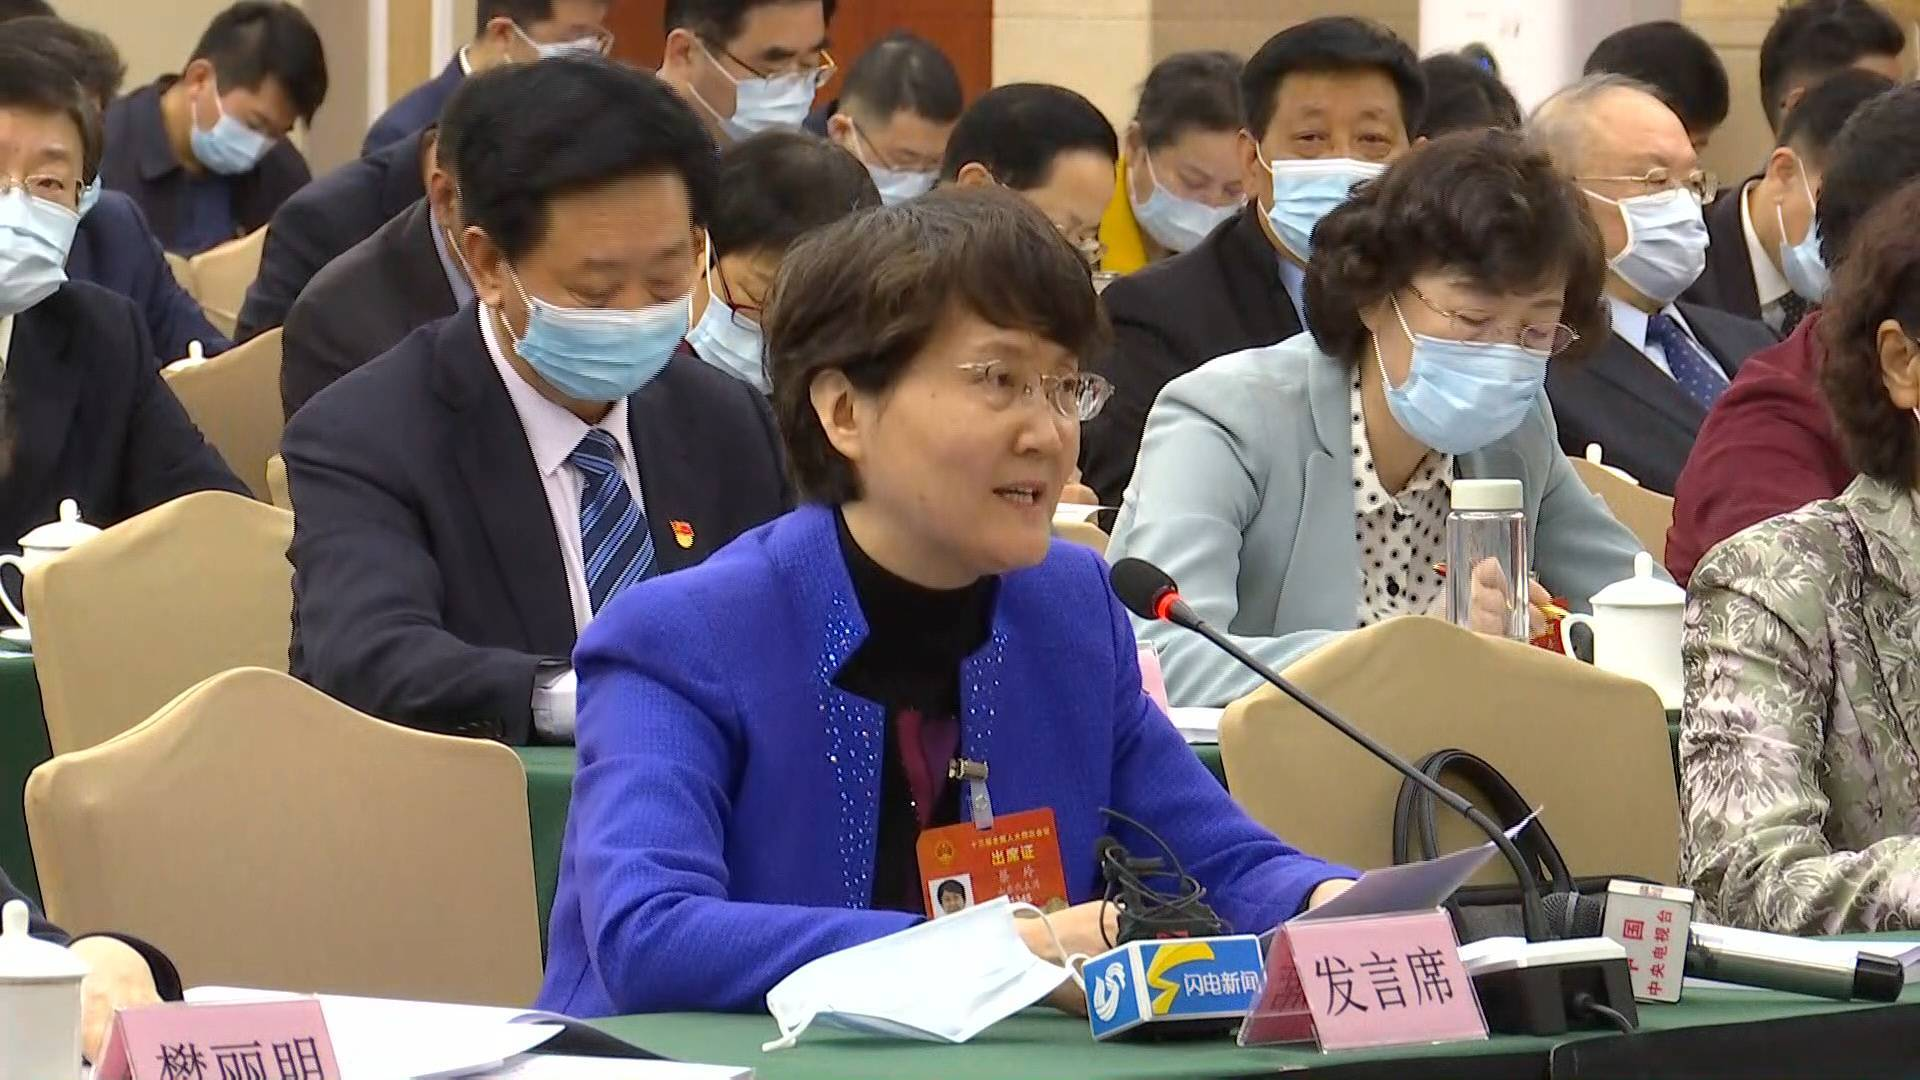 全国人大代表蔡玲:山东要抢抓中日韩自贸区发展机遇 争当领头雁 排头兵